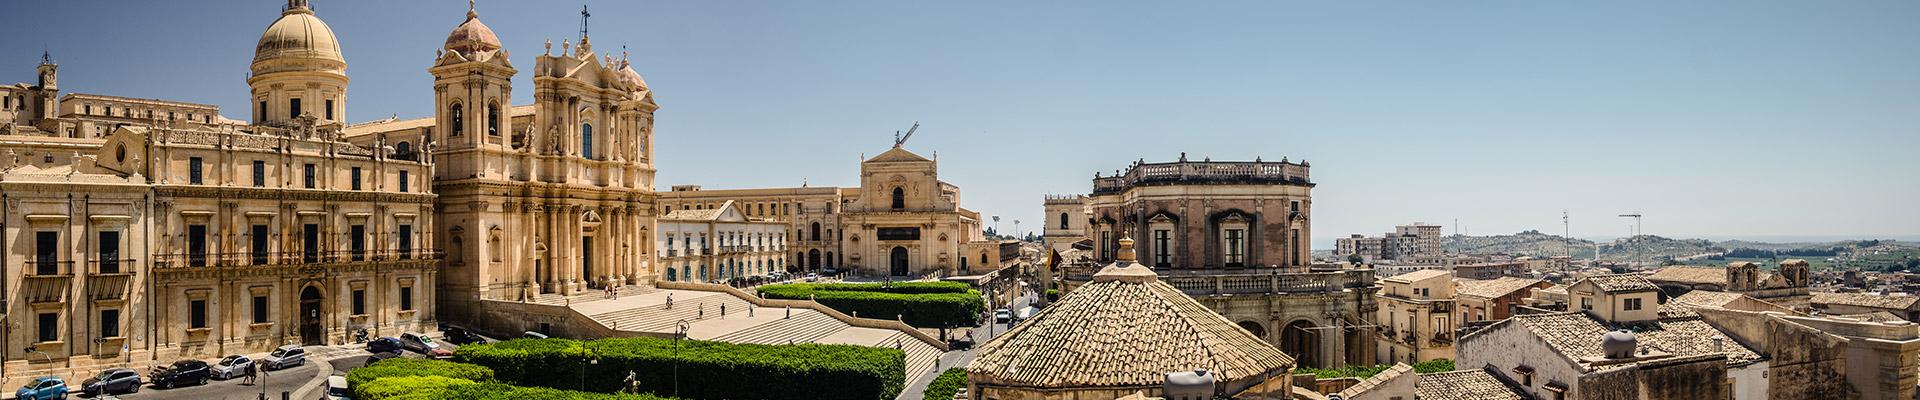 Sicilia, l'isola dei tesori barocchi